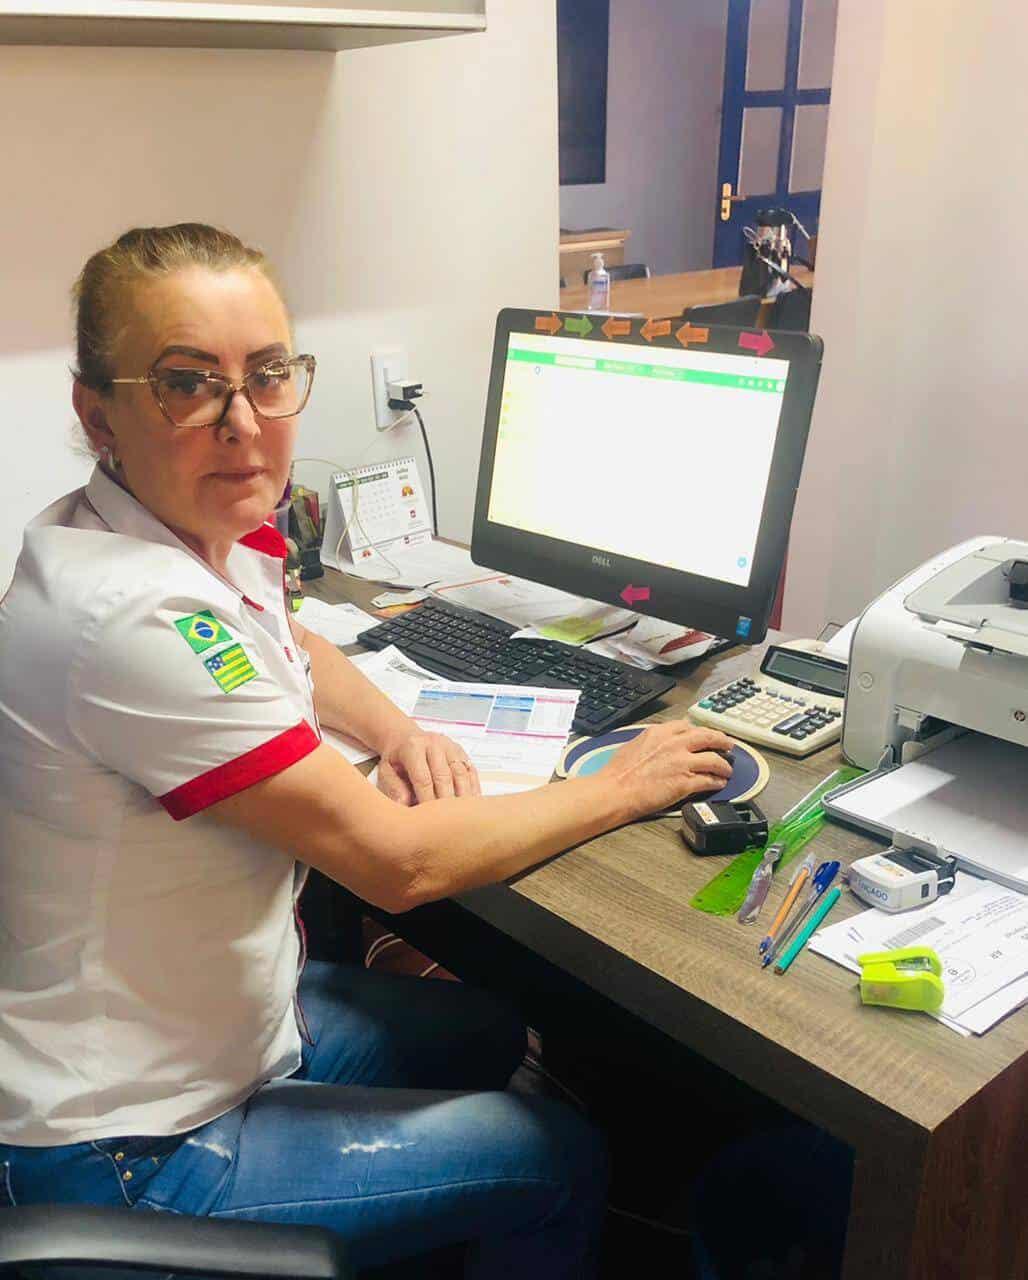 A imagem mostra outra funcionária da fazenda Shangri-lá, também em frente ao computador. Ela usa óculos e está com os cabelos presos.